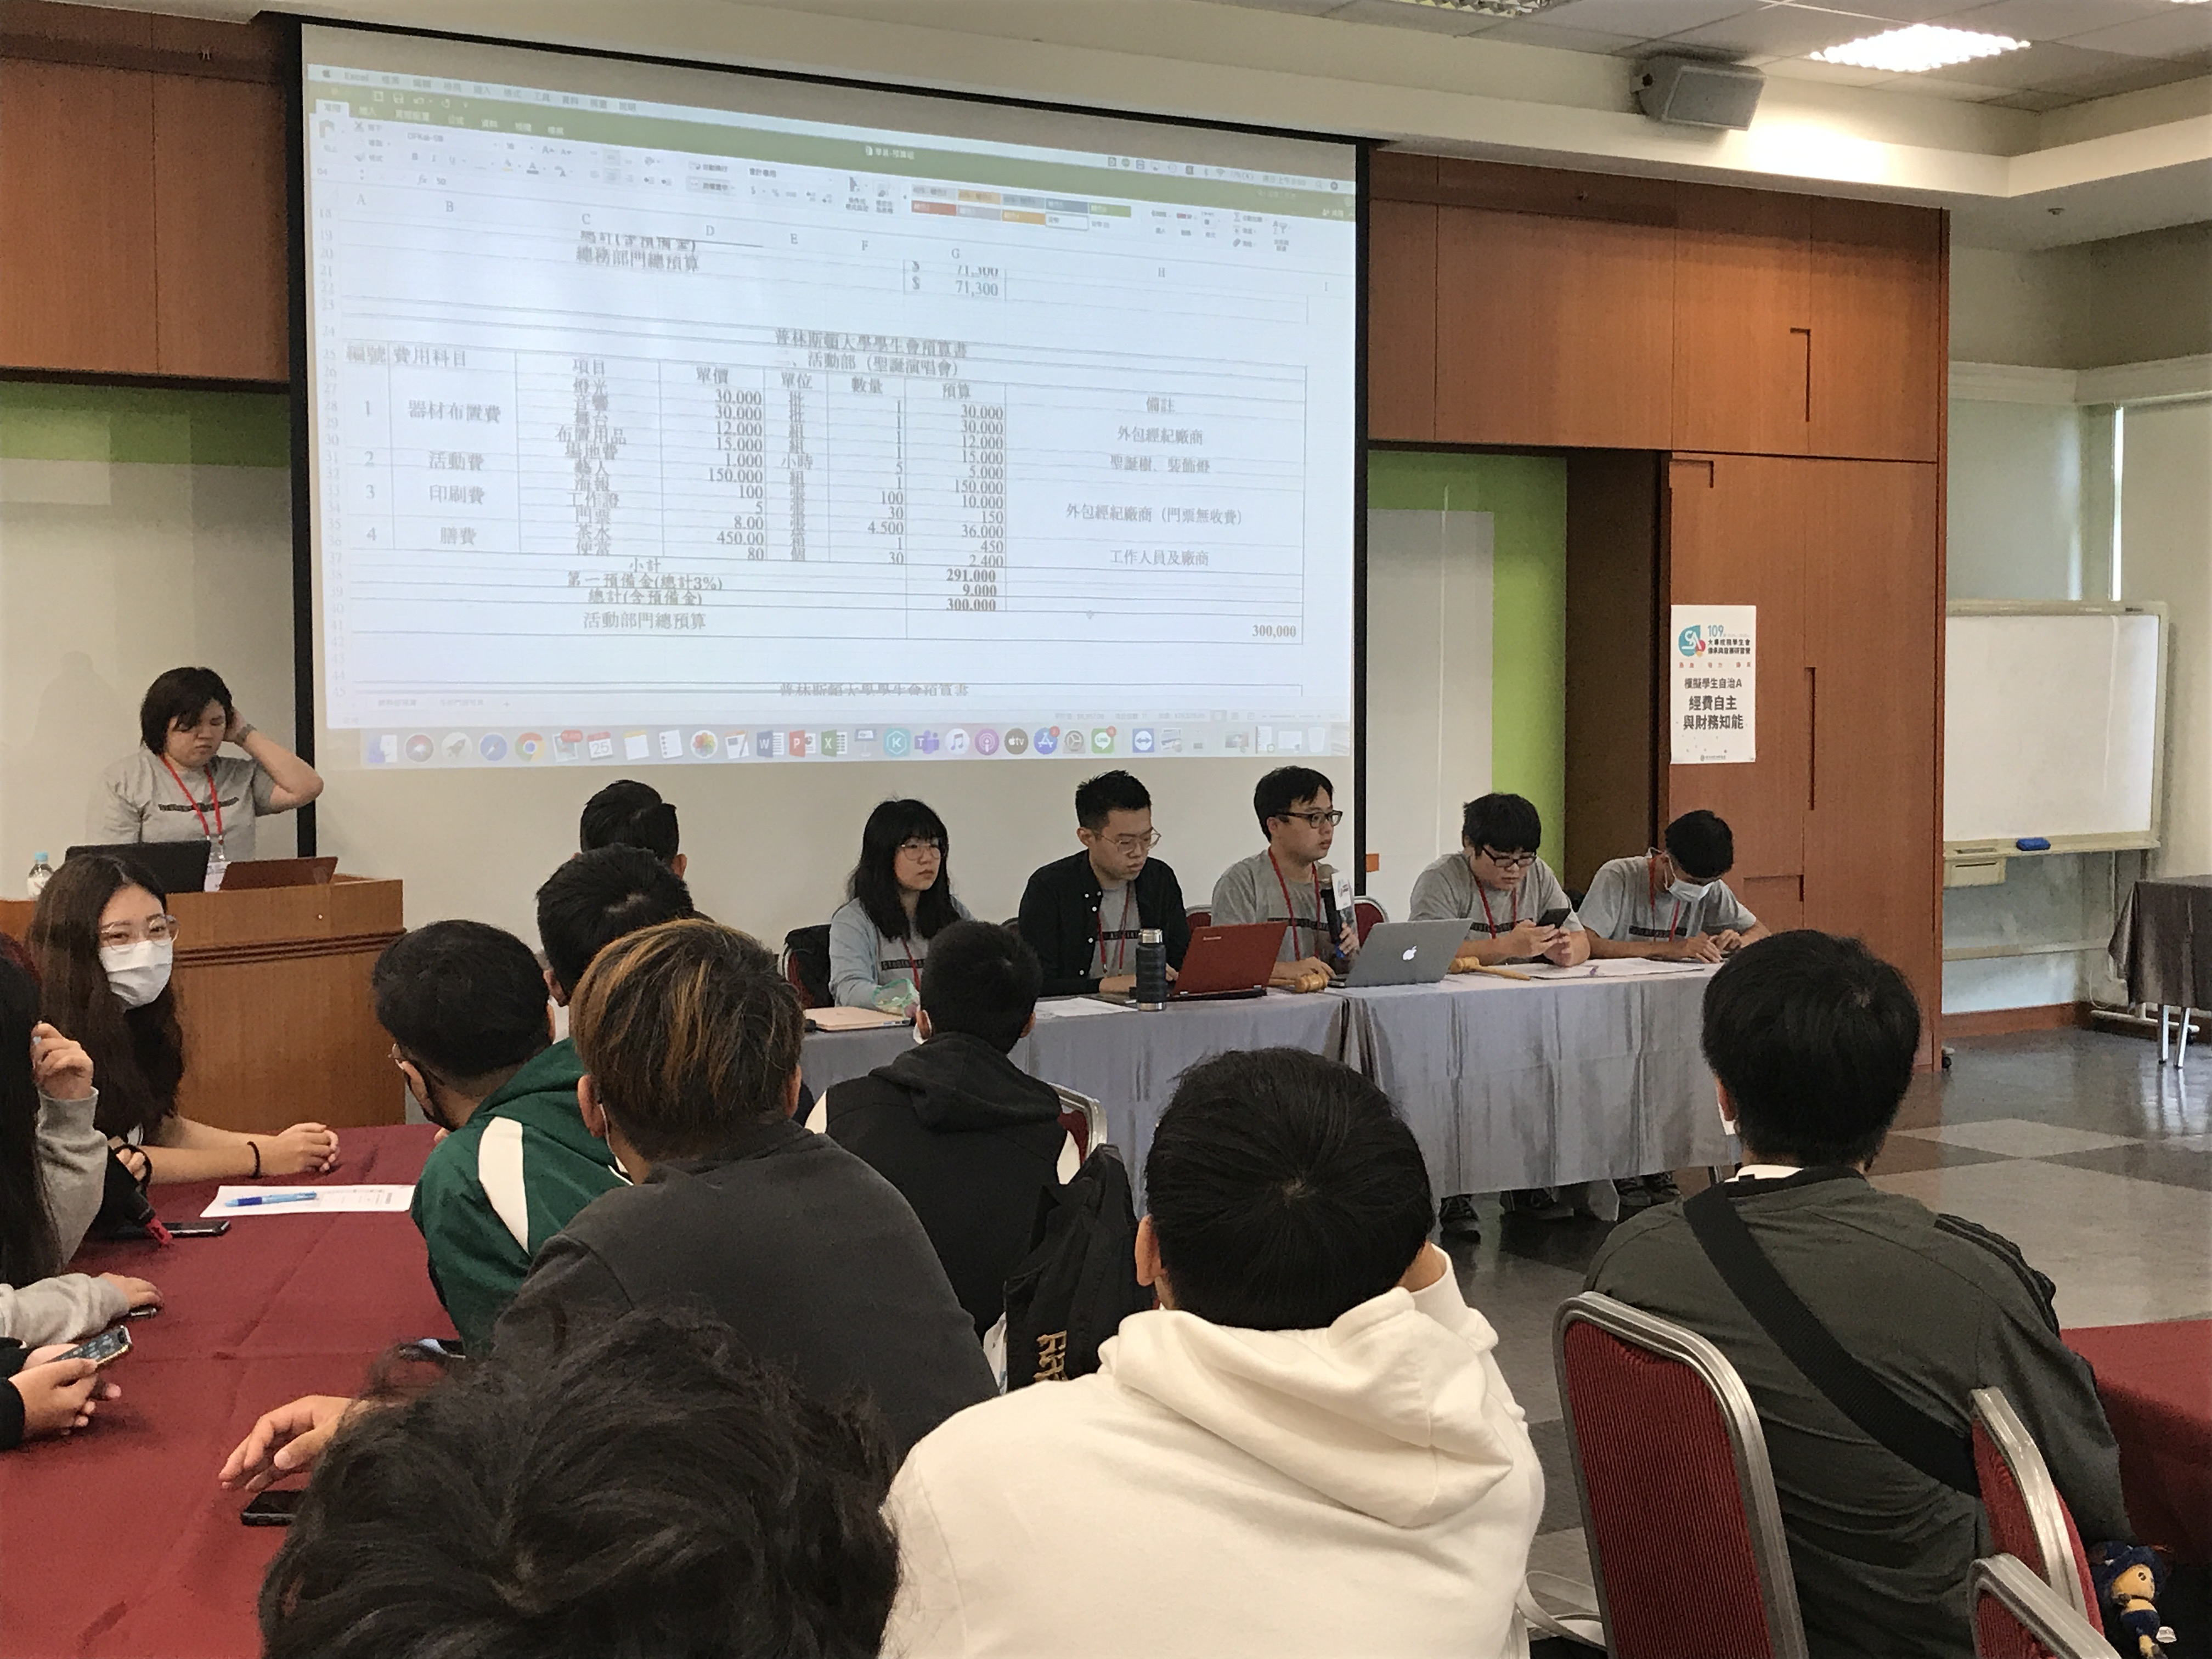 (圖三:在模擬學生自治的課程中,「預算組」透過直接進行預算審議,演練制定與審計過程中的技巧。)